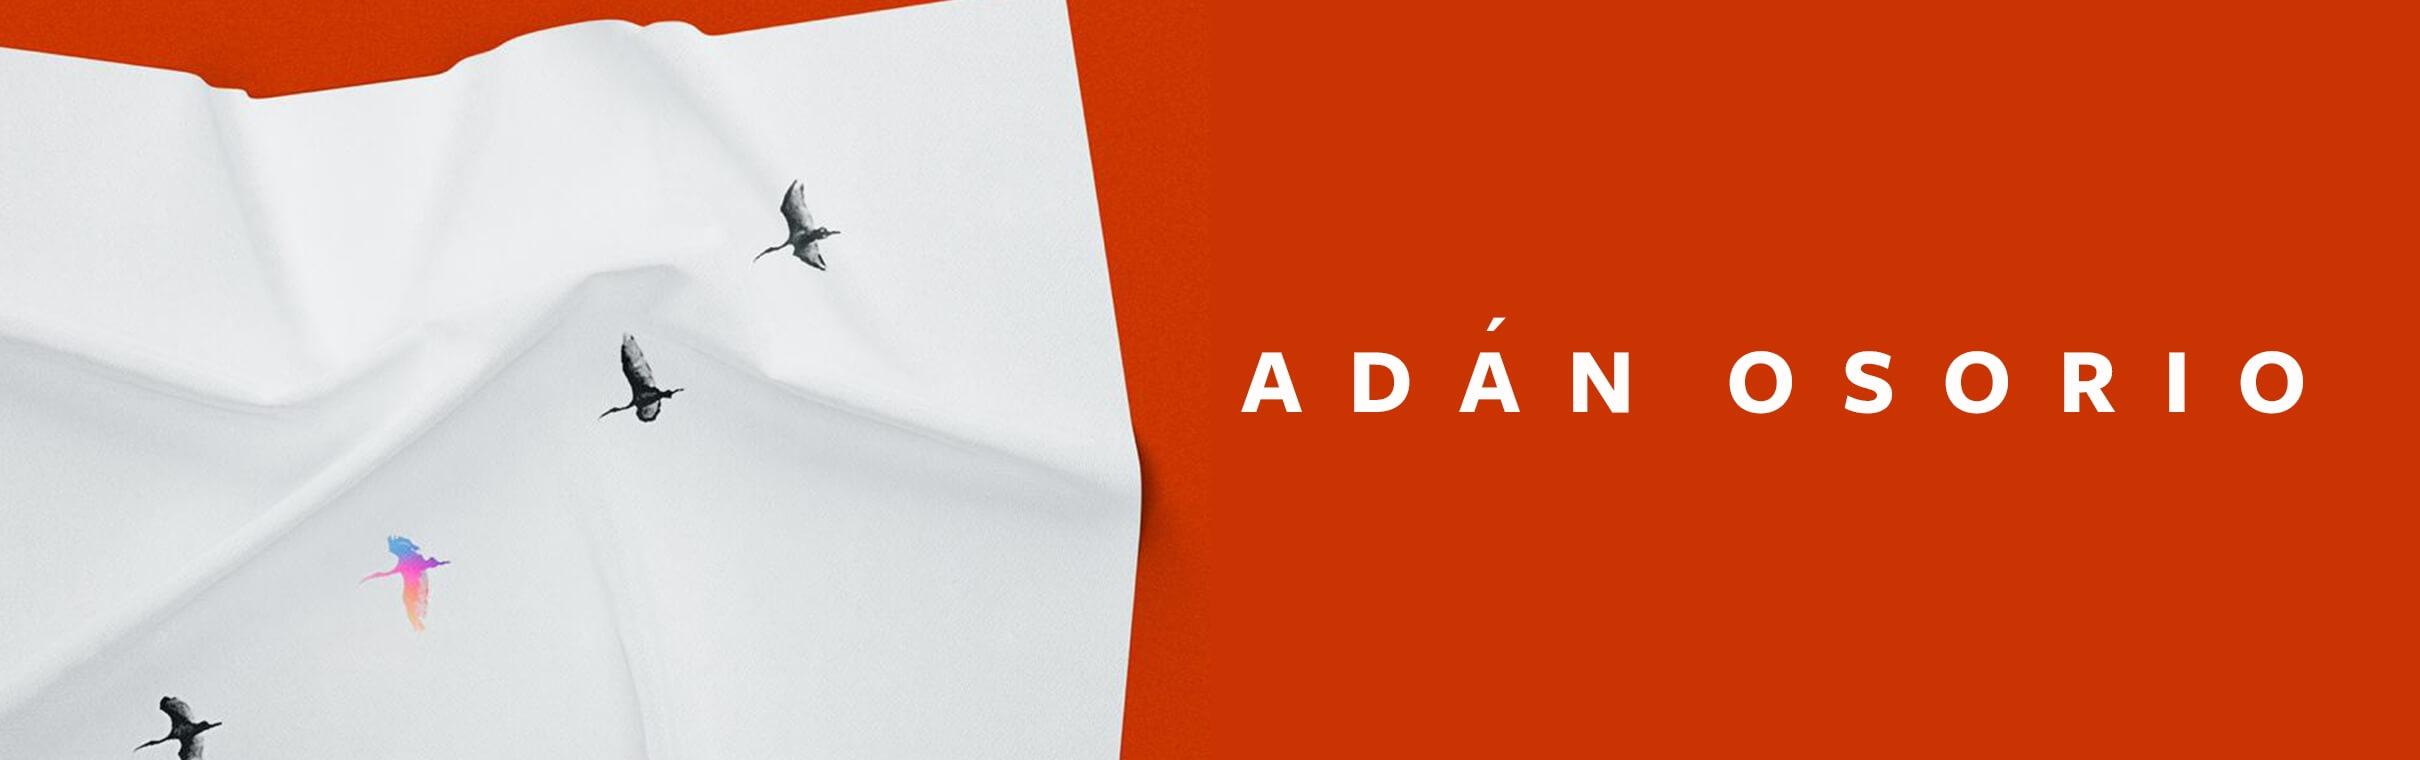 Adán Osorio